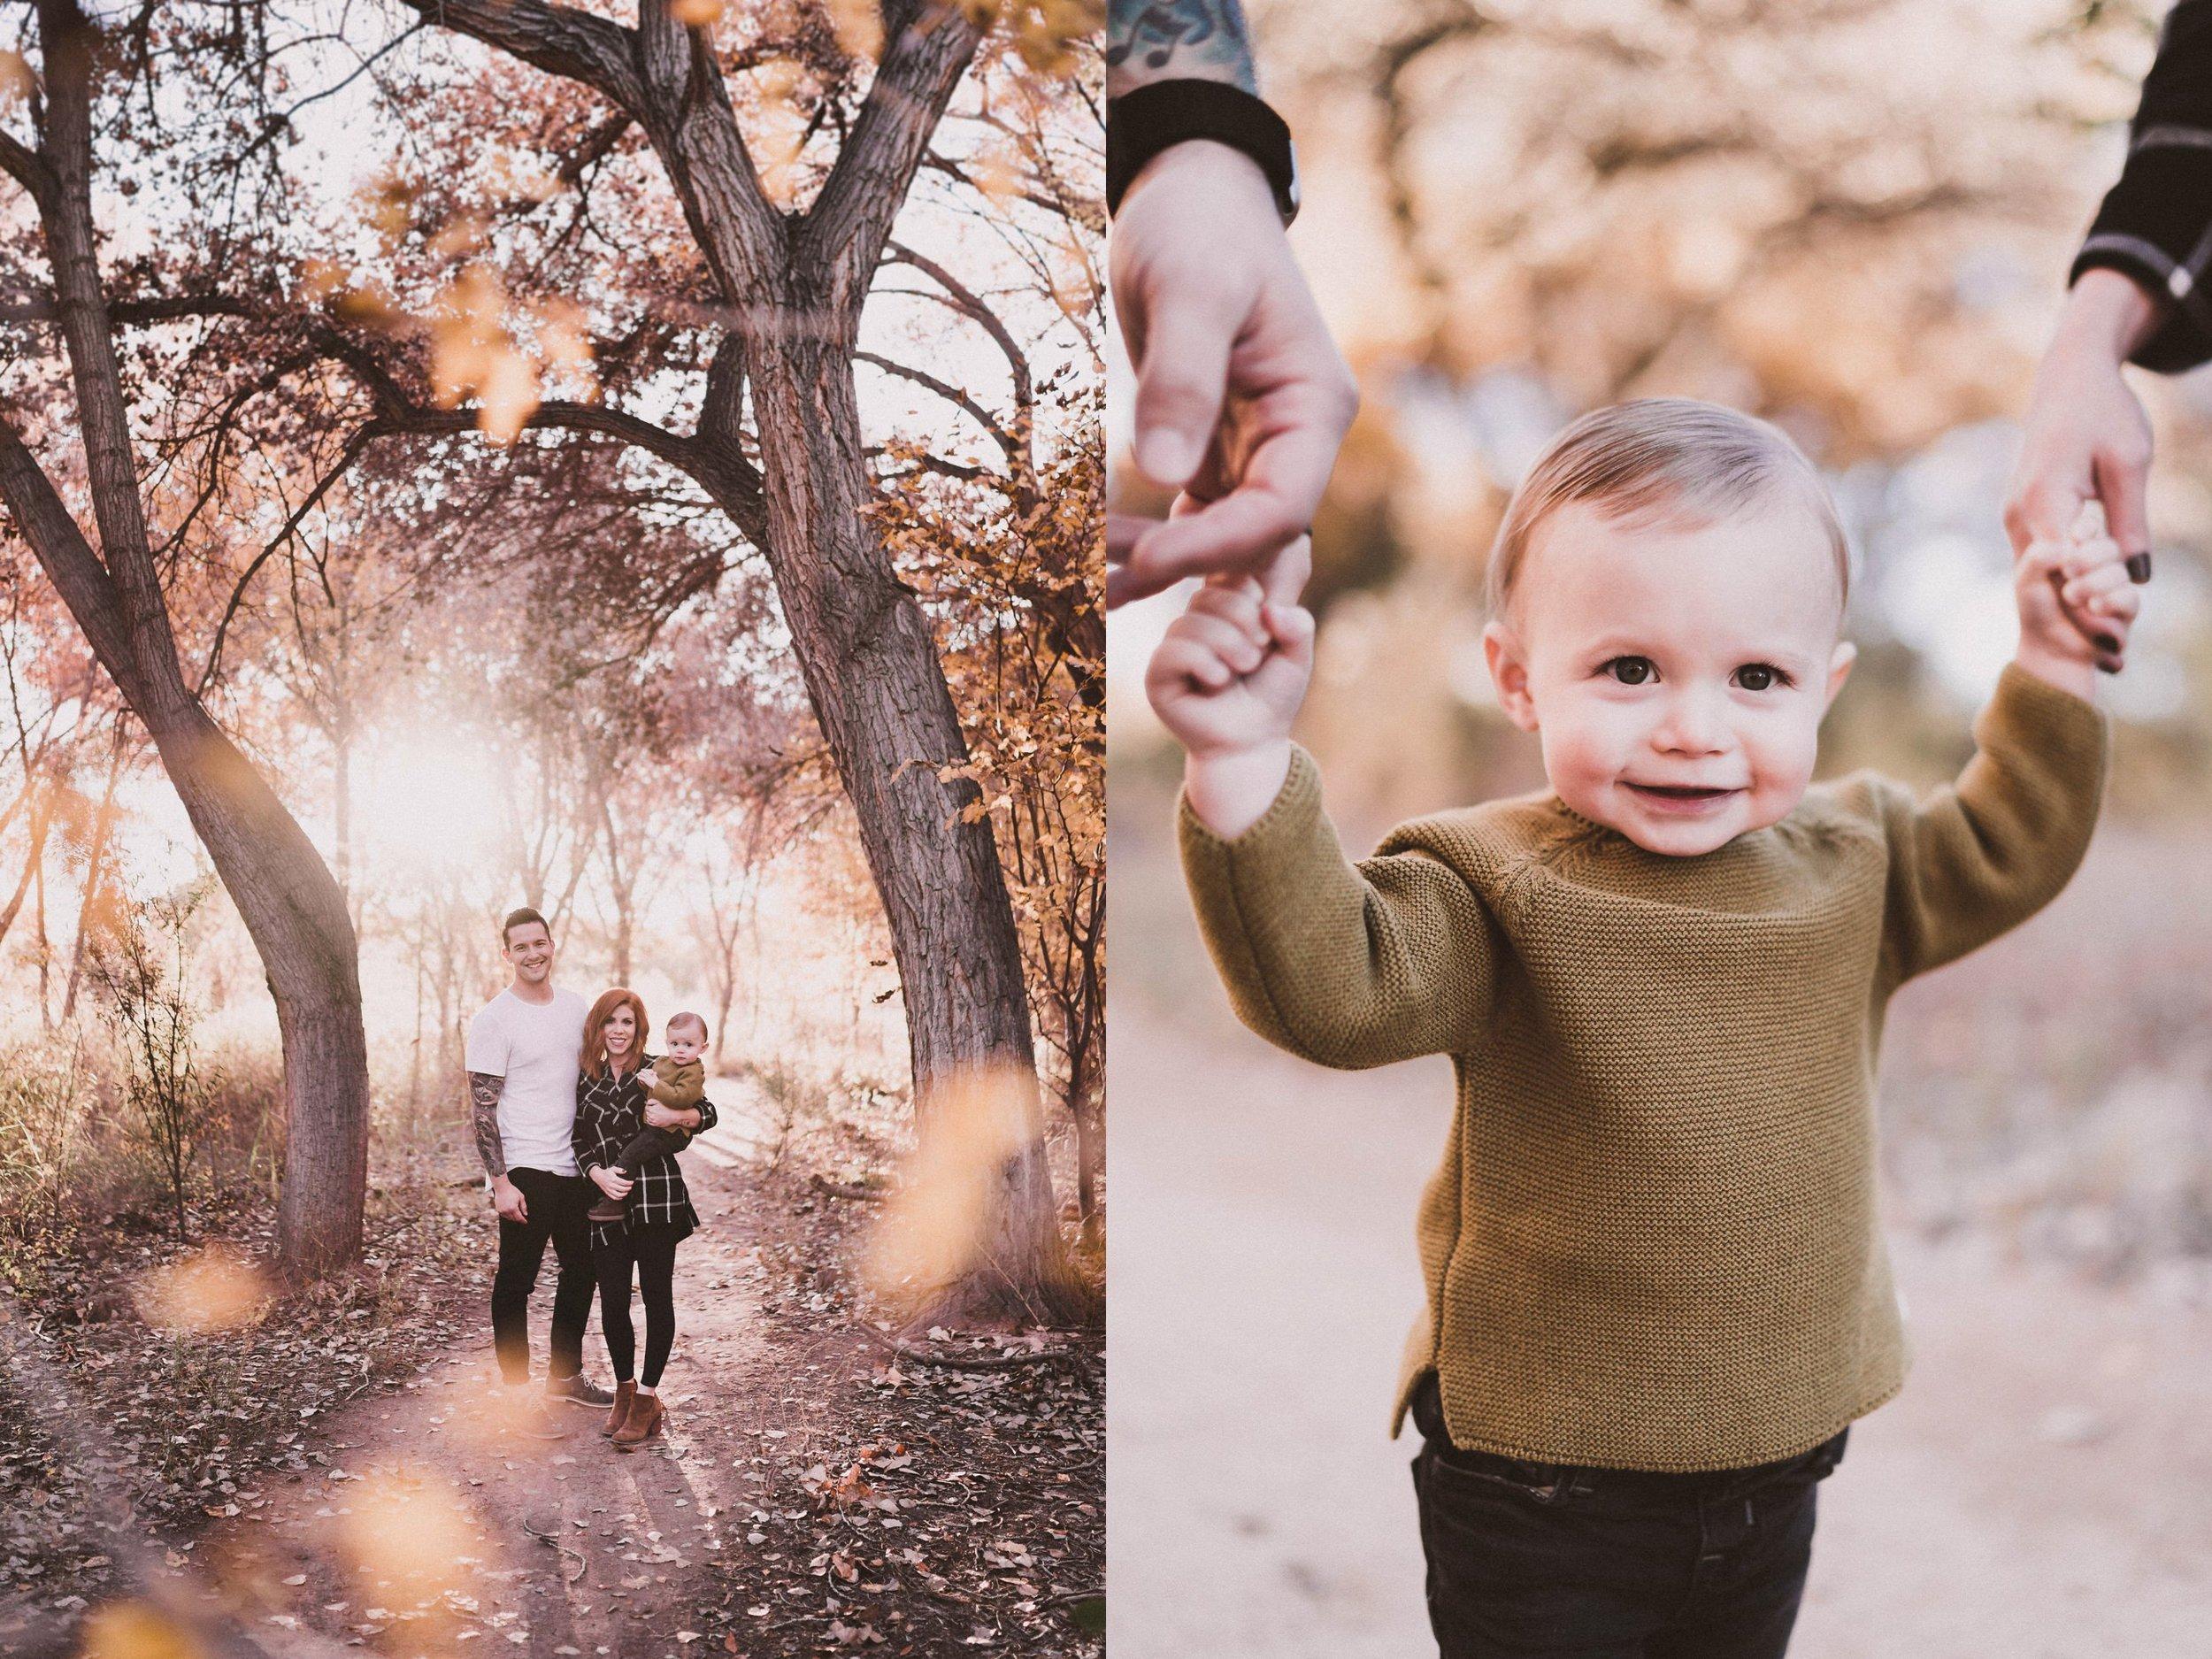 TONY-GAMBINO-PHOTOGRAPHY-BEND-OREGON-FAMILY-PHOTO-SHOOT-000_1546.jpg